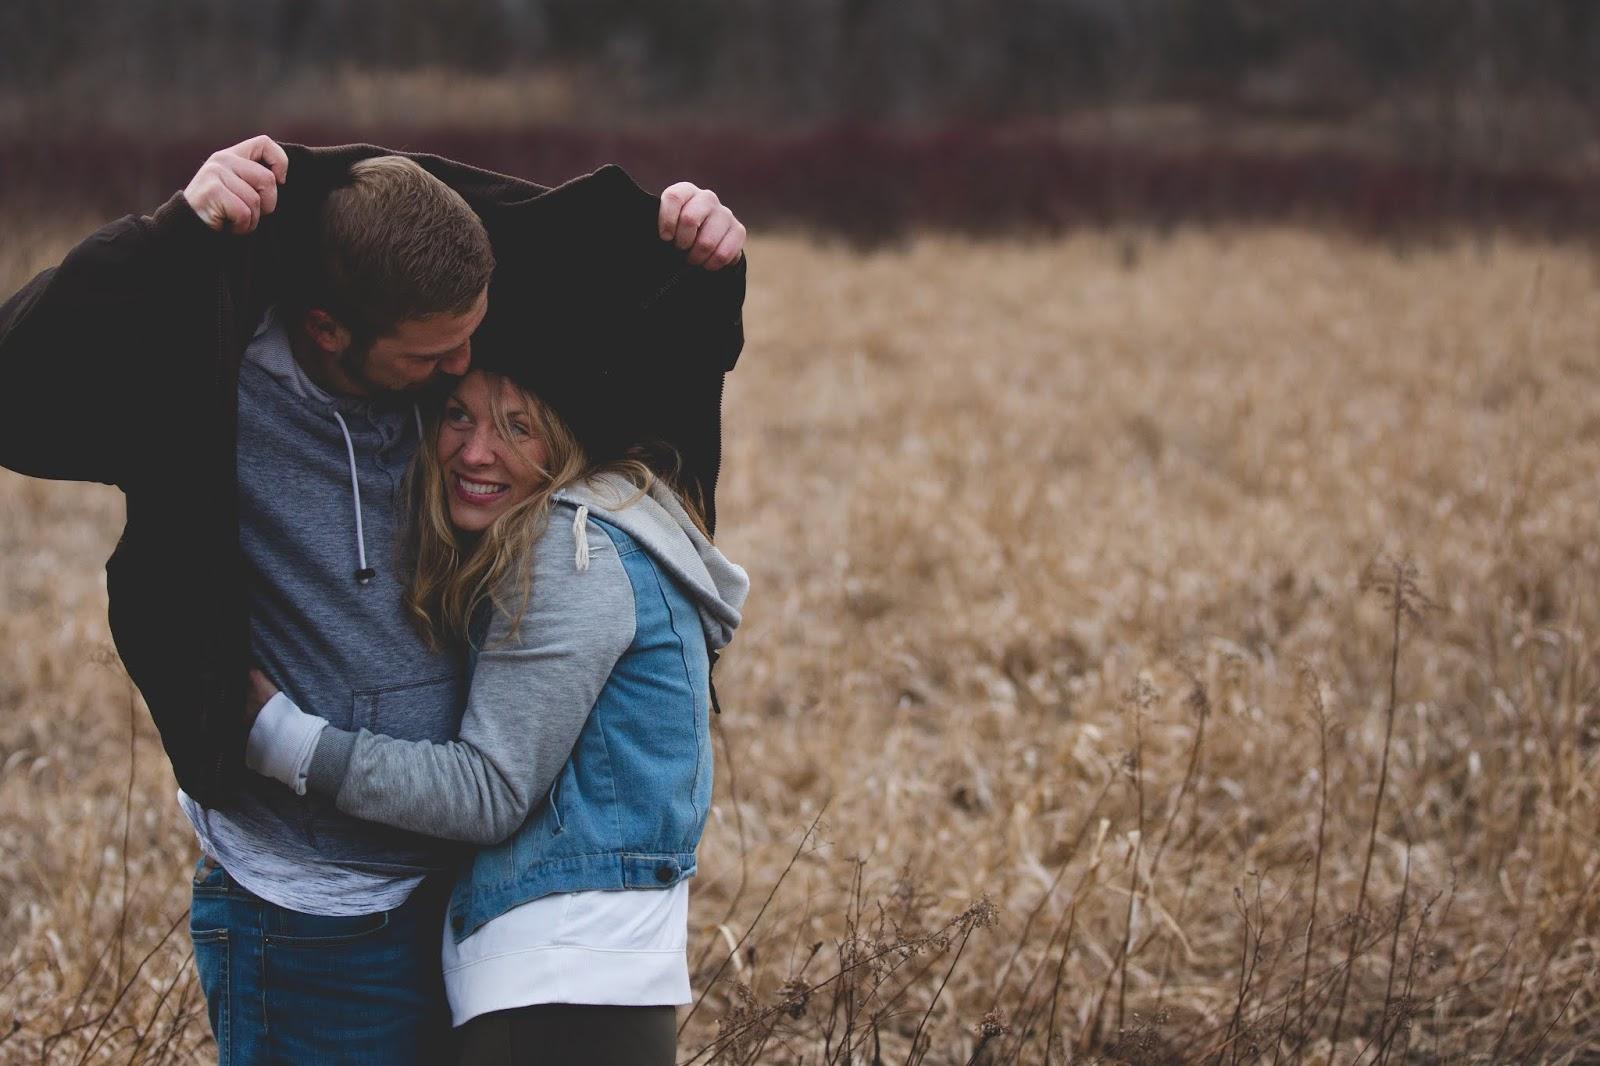 Kelebihan Pasangan yang Cuek Untuk Pasangannya